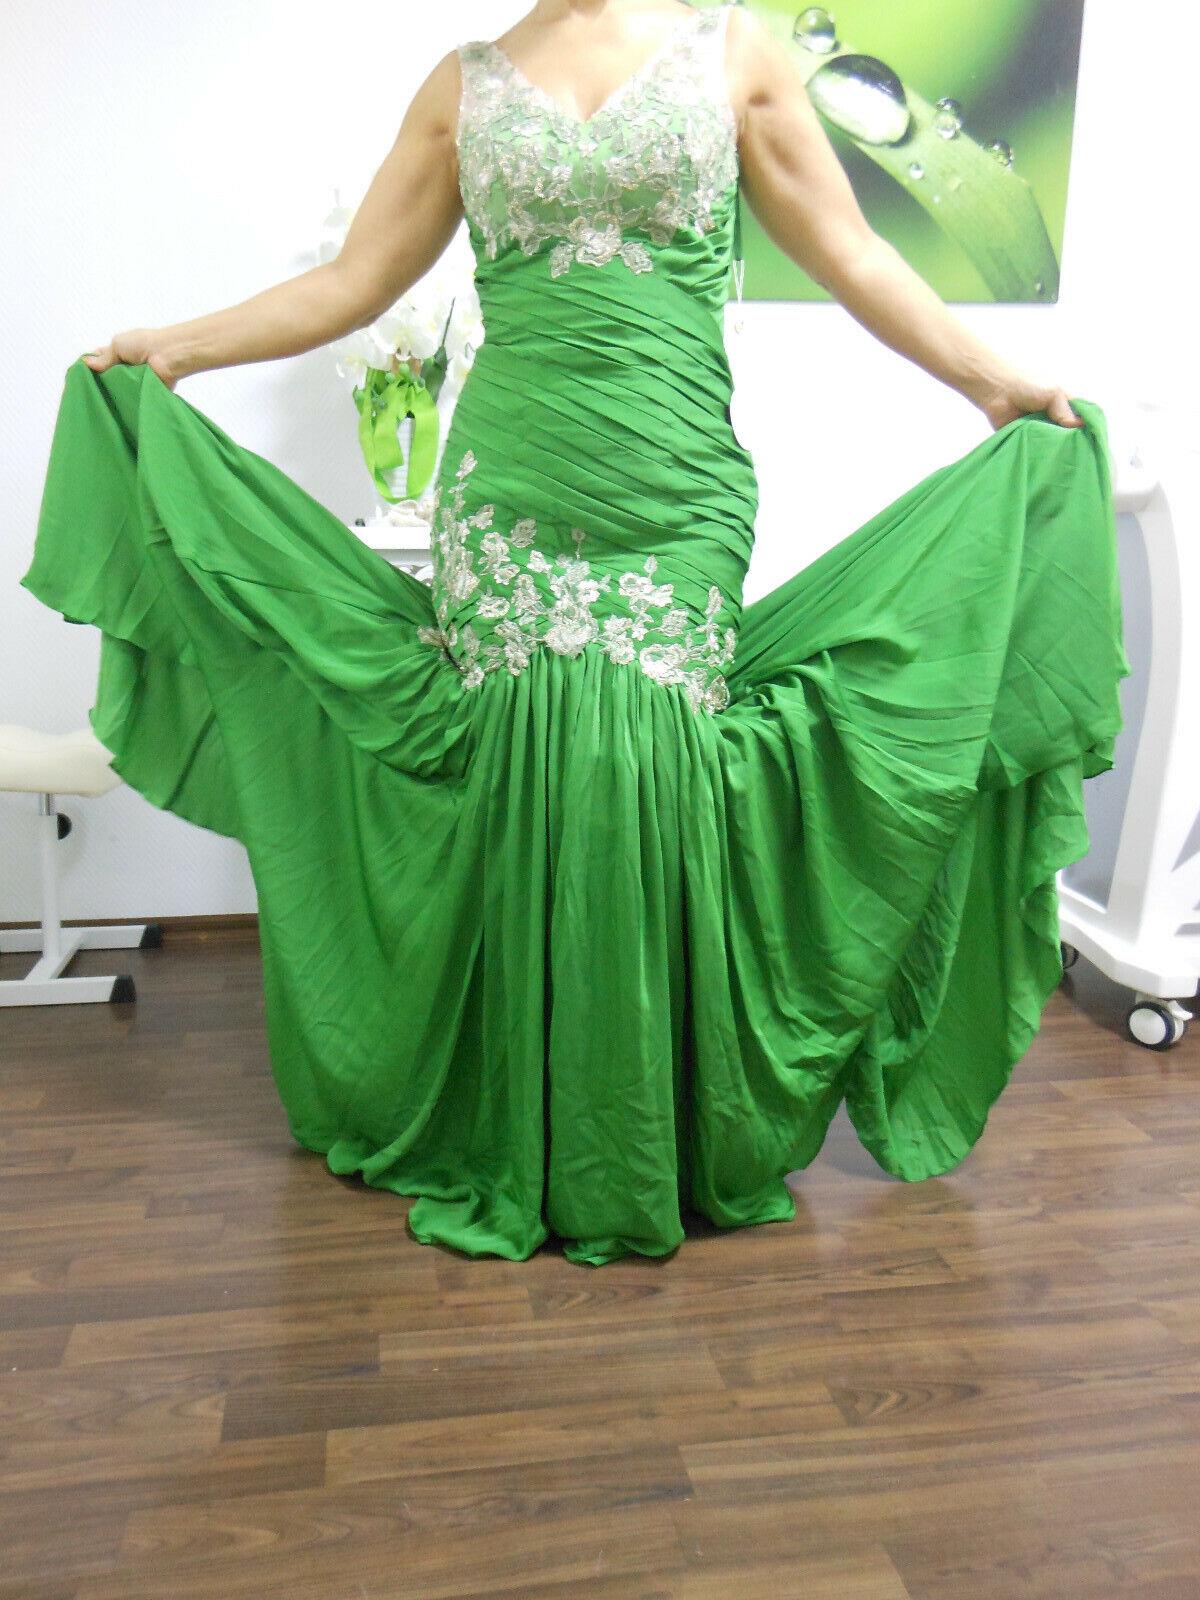 Abendkleid - Ballkleid - NEU - Gr. 36 grün